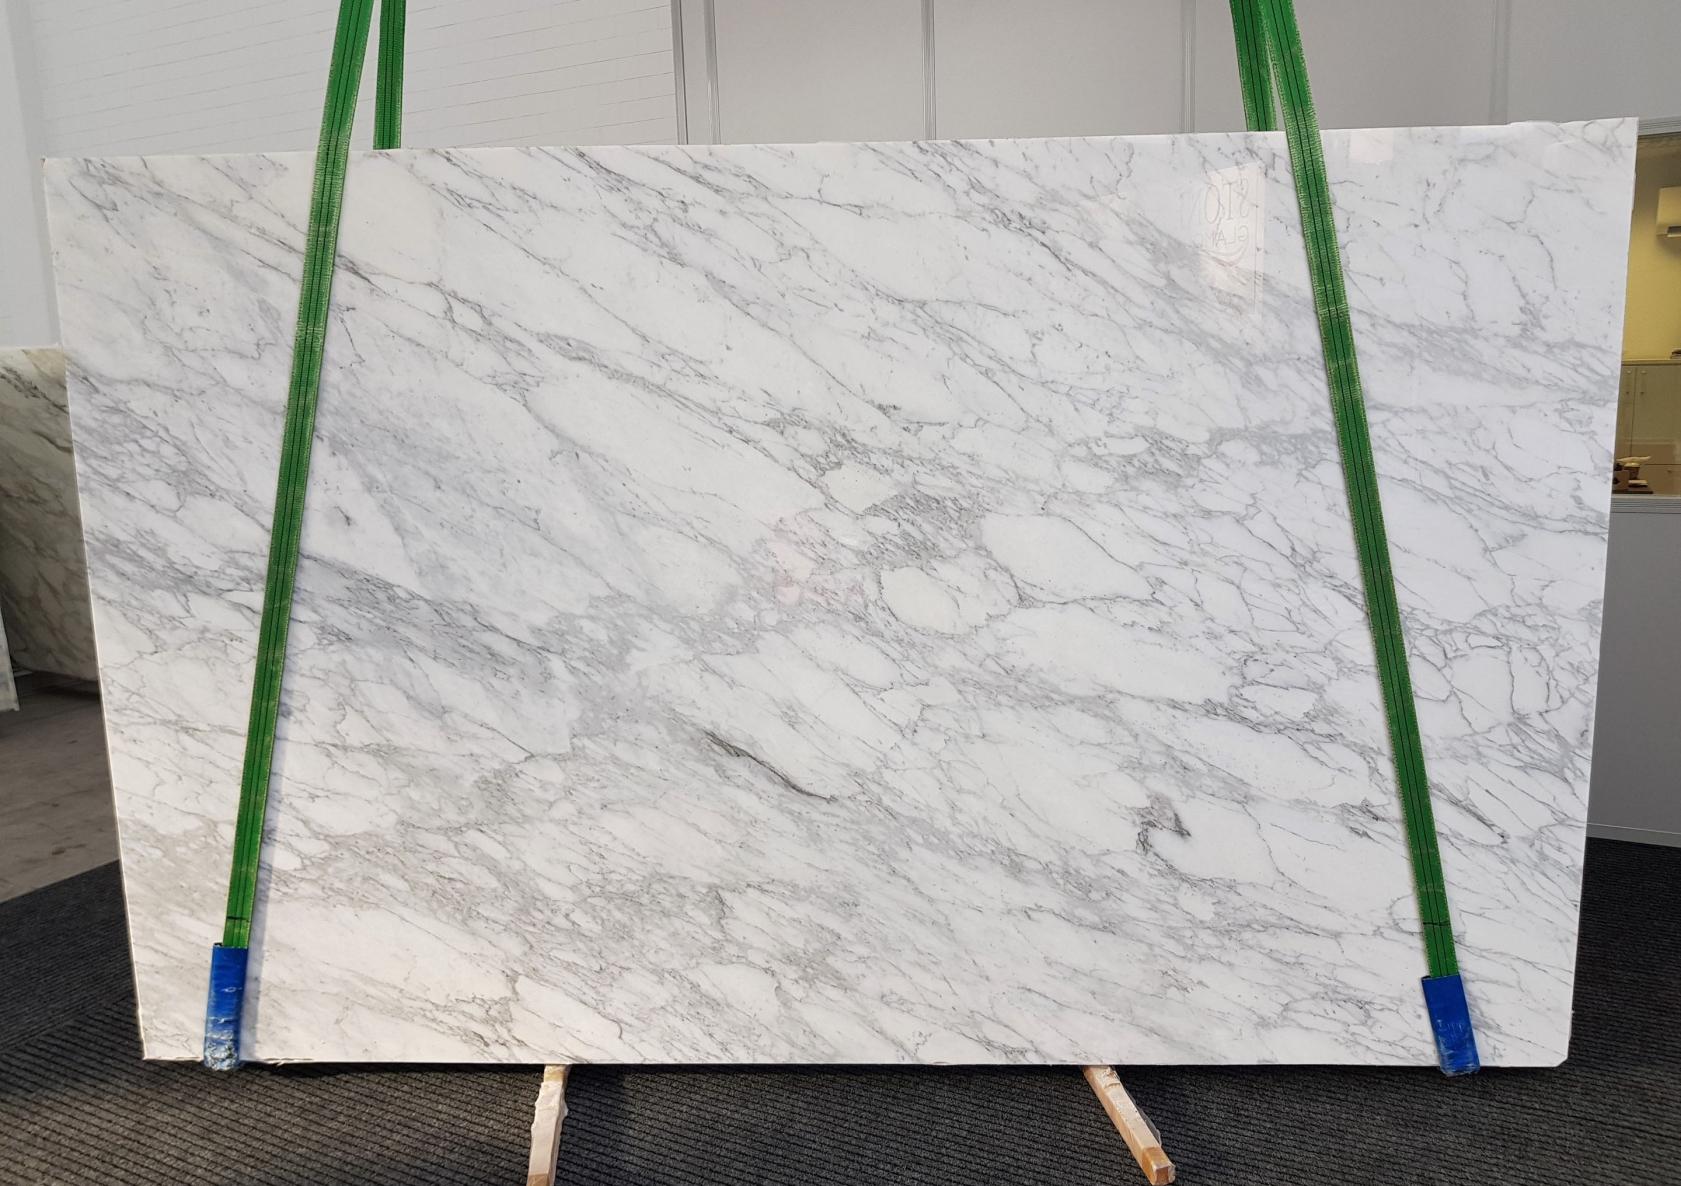 CALACATTA VAGLI VENA FINA Suministro Veneto (Italia) de planchas pulidas en mármol natural GL 1128 , Bundle #7